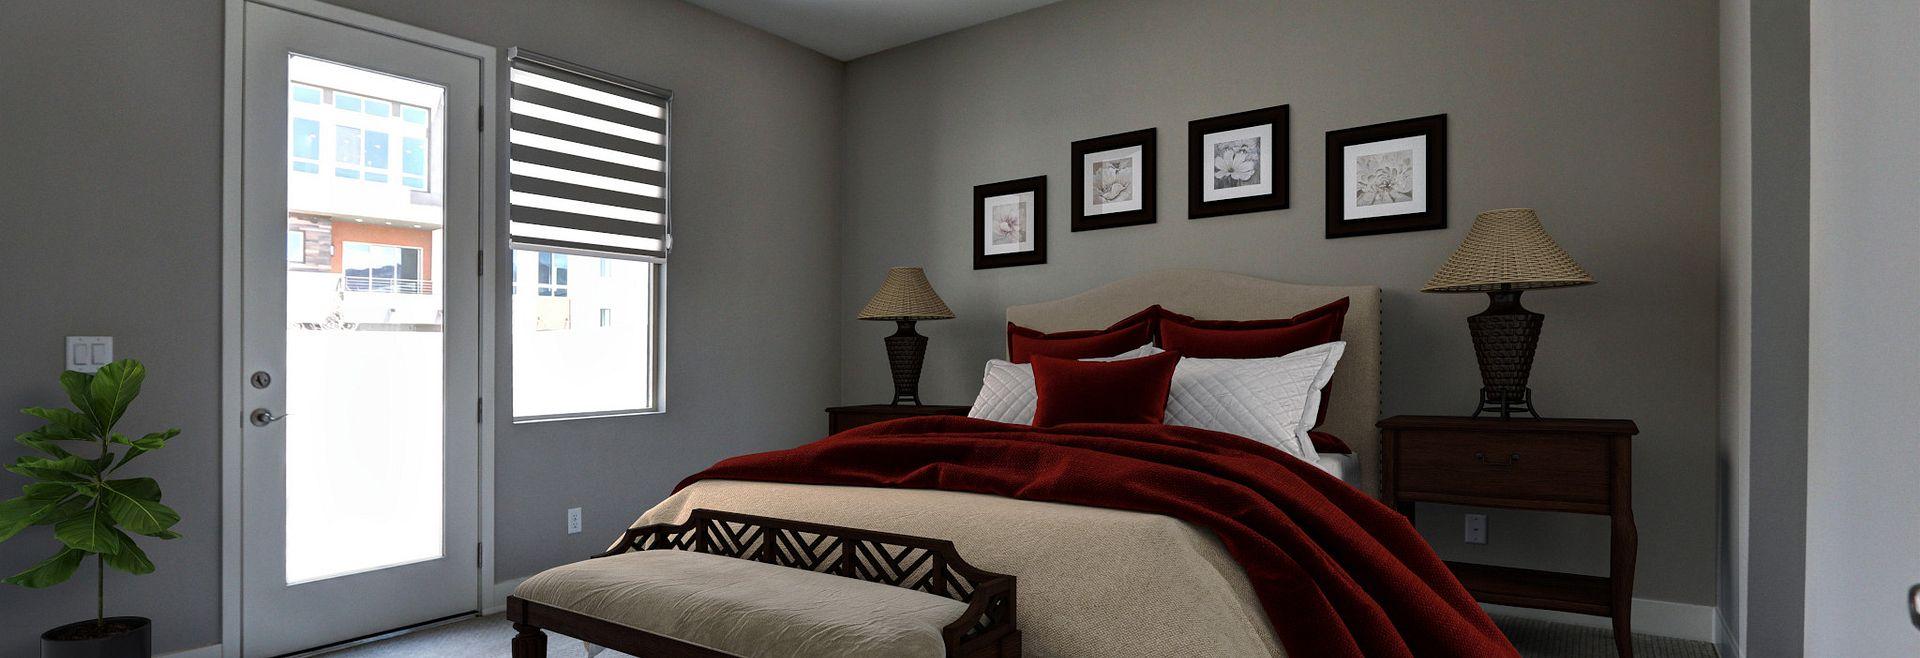 Trilogy Summerlin Splendor Virtually Staged Master Bedroom